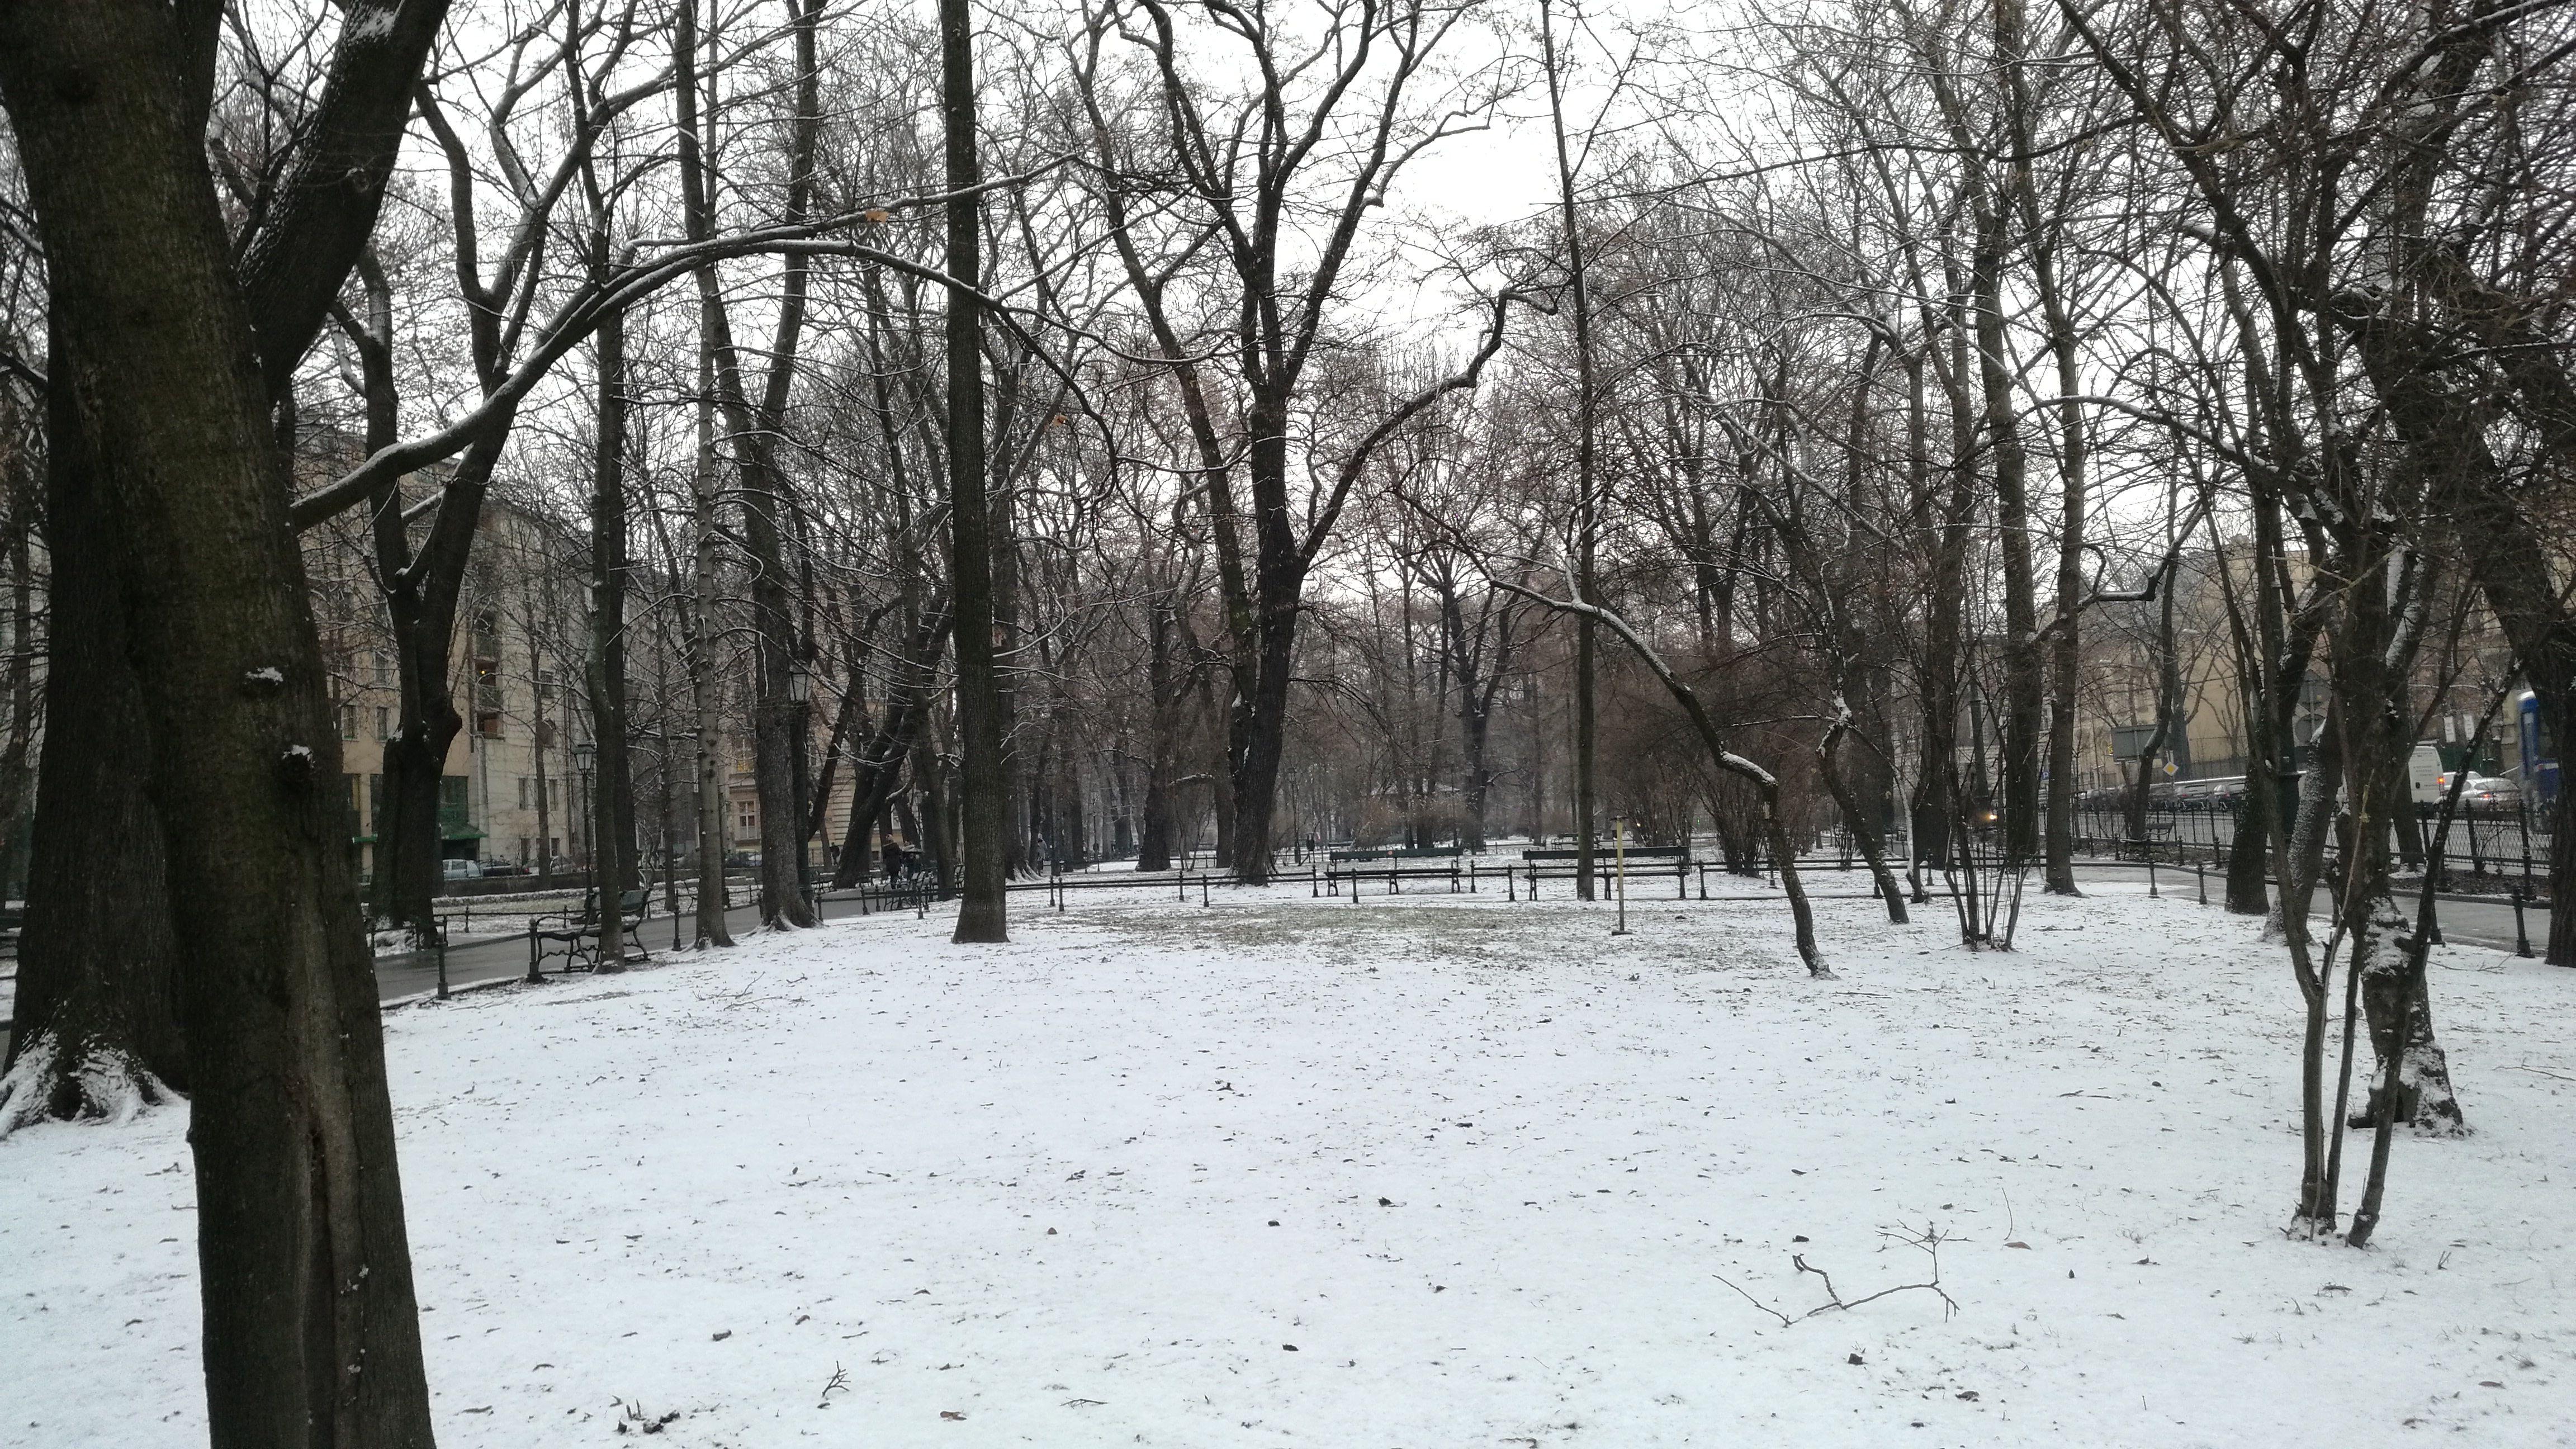 Así de nevada nos recibían las calles de Cracovia